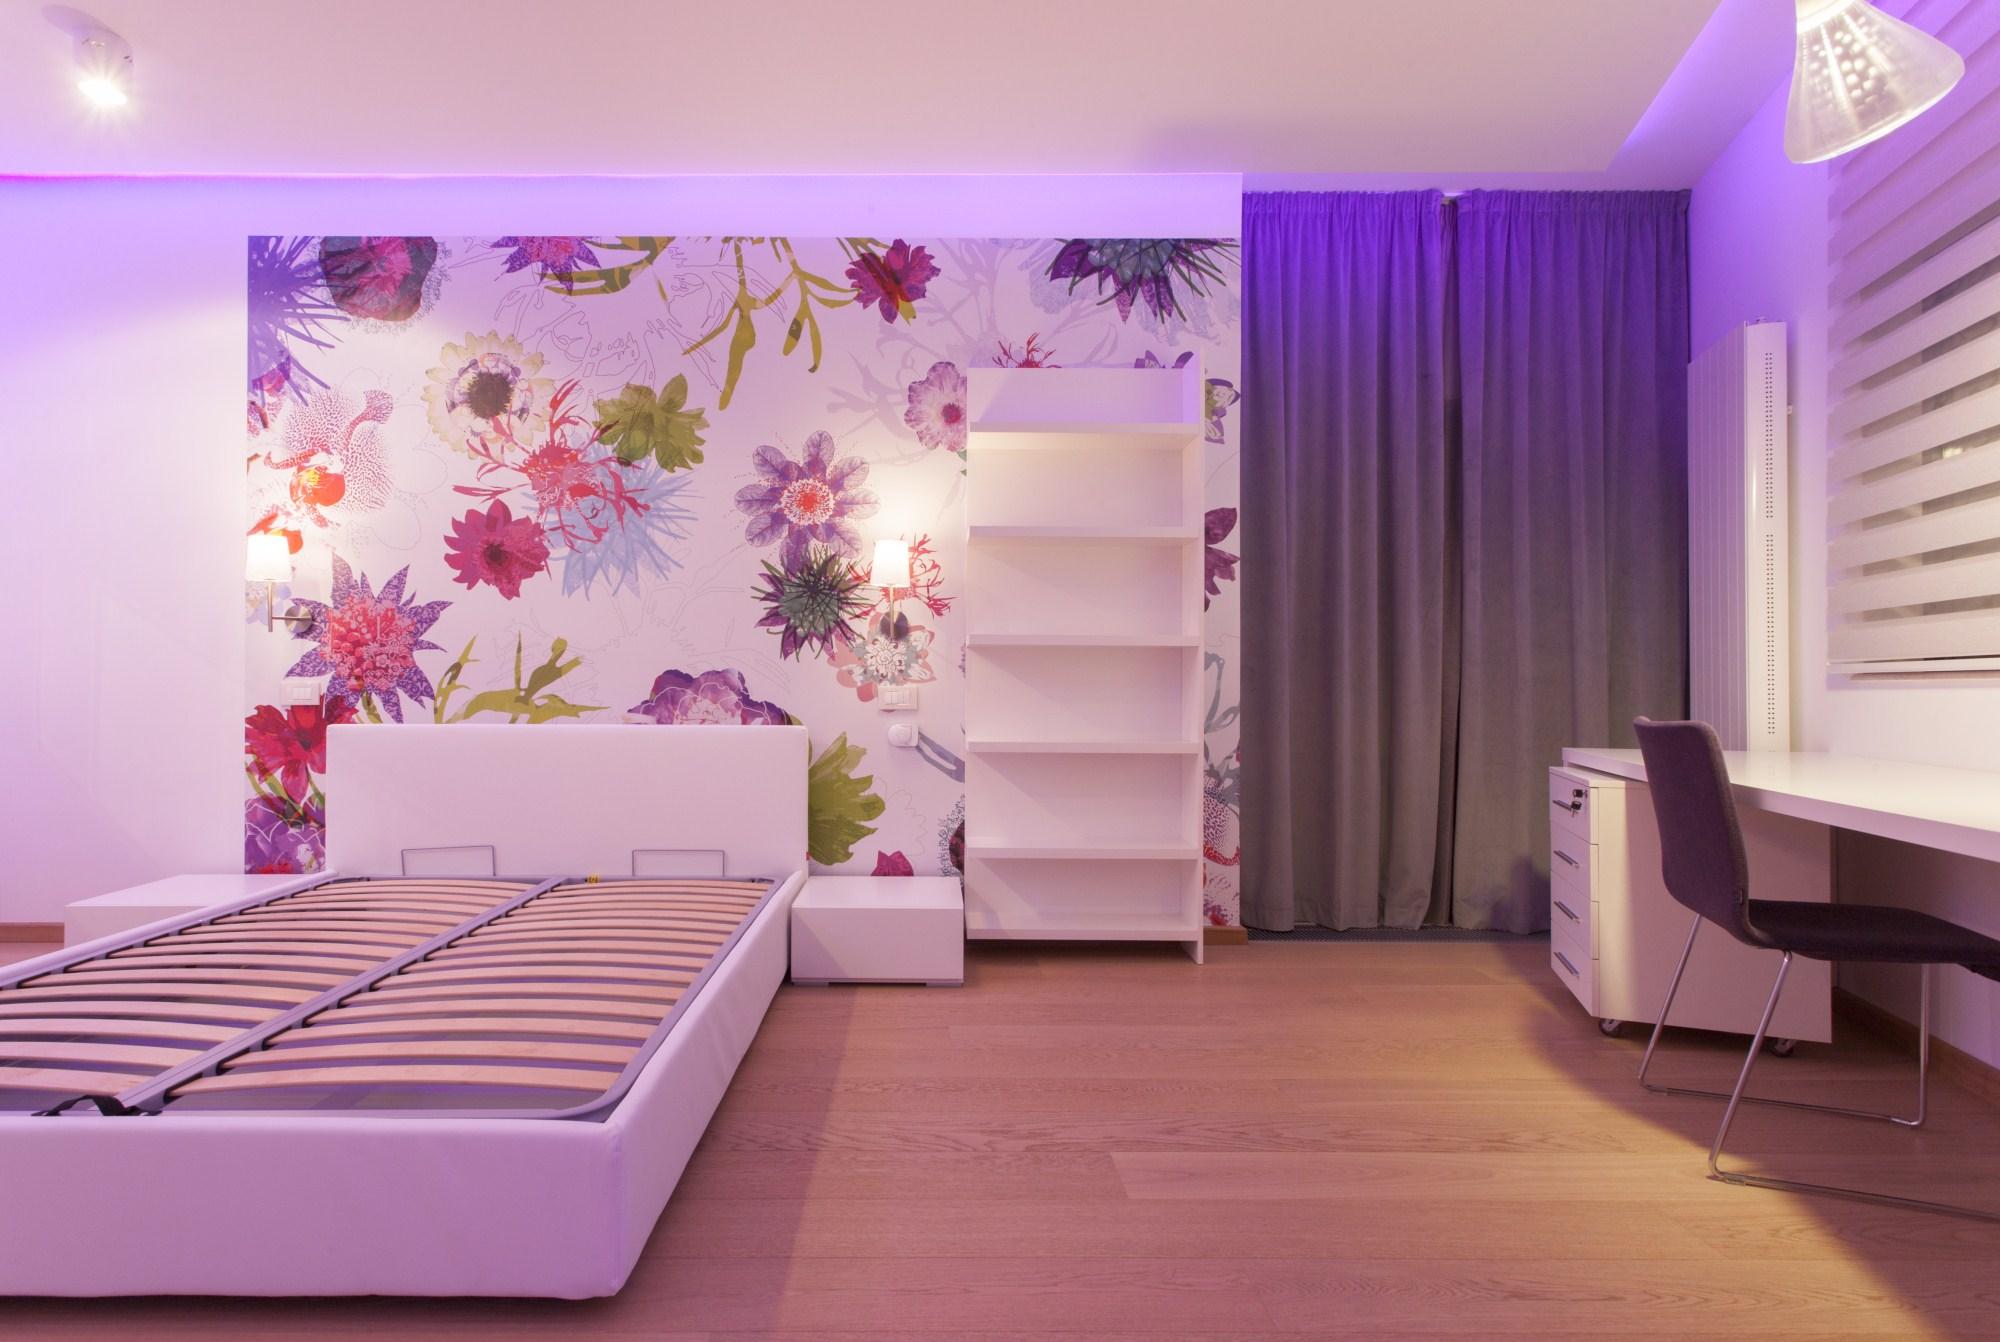 https://nbc-arhitect.ro/wp-content/uploads/2020/10/NBC-Arhitect-_-Petofi-Sandor-_-Housing-_-interior-design_3.jpg